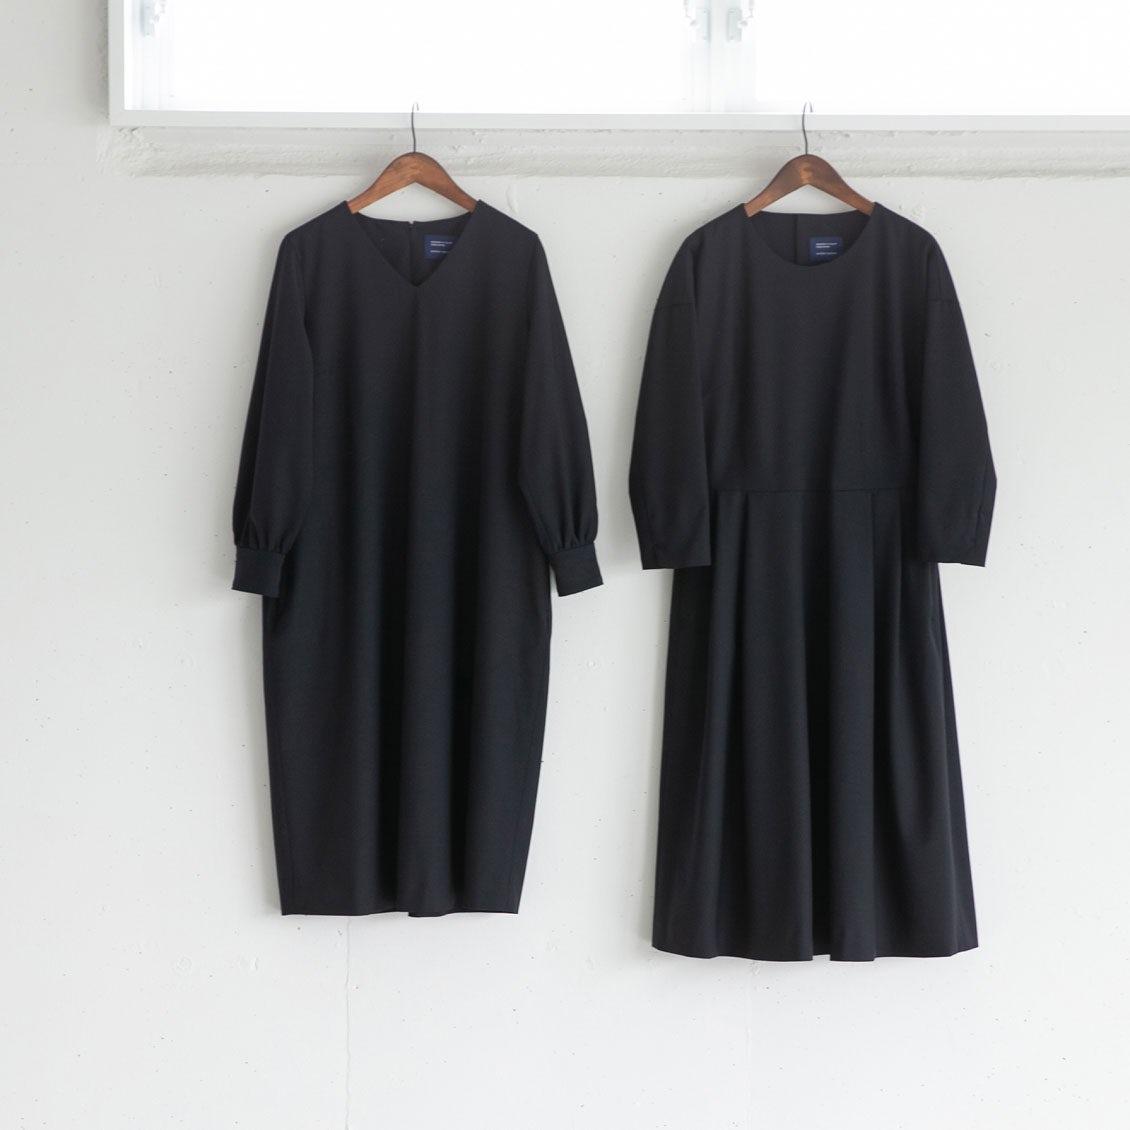 【着用レビュー】気になるサイズ感とシルエット。「プリーツ」と「コクーン」2型のフォーマルワンピを4名のスタッフが着てみました